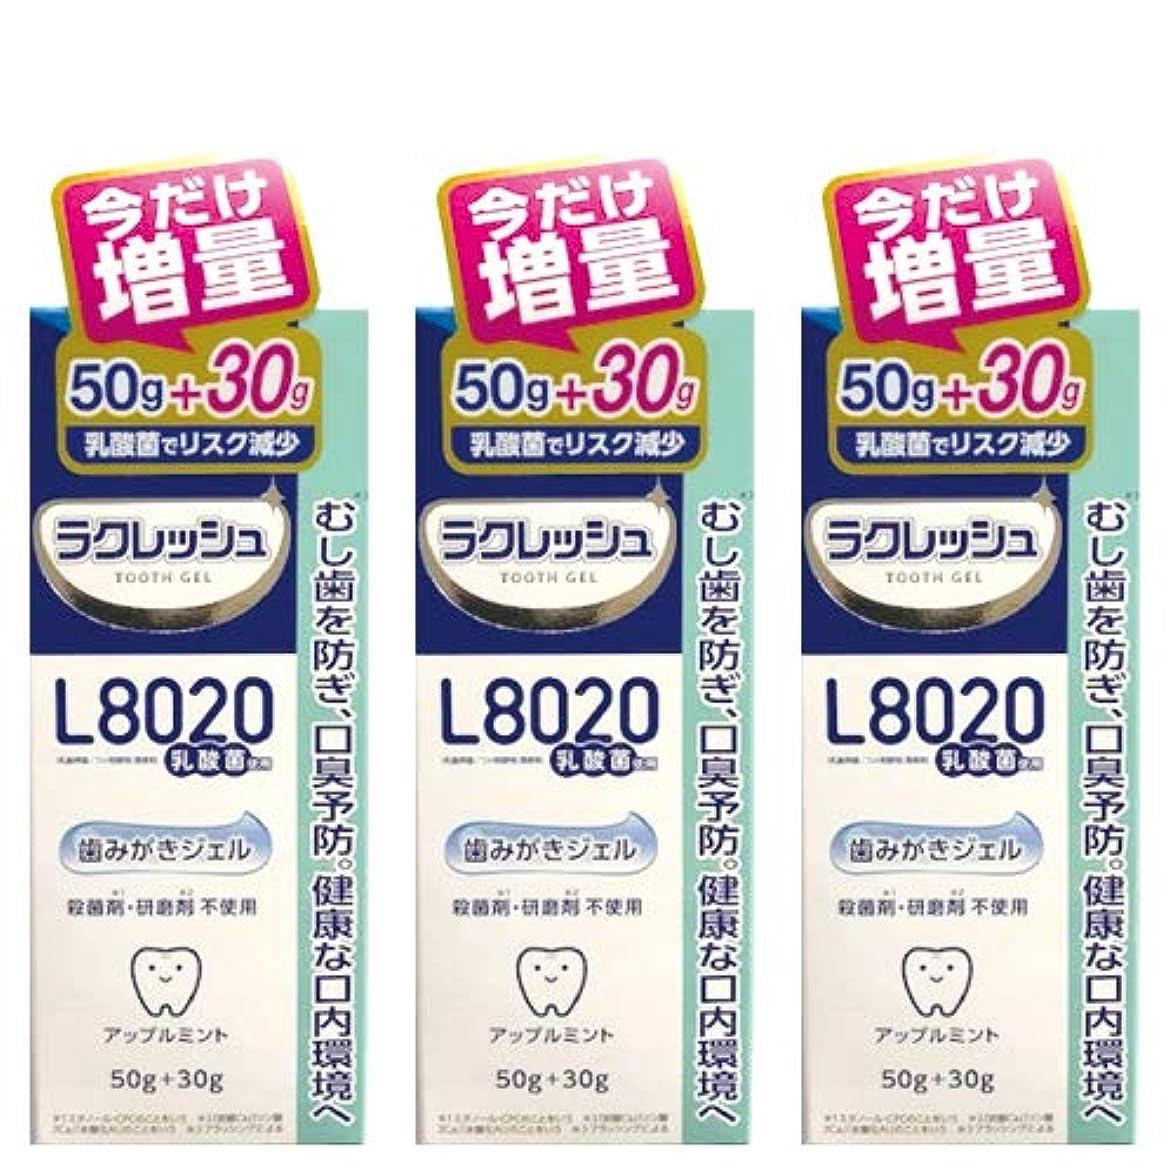 ターミナル不実関係【増量30g 】ジェクス L8020乳酸菌 ラクレッシュ 歯みがきジェル 80g(50g+30g)×3本セット